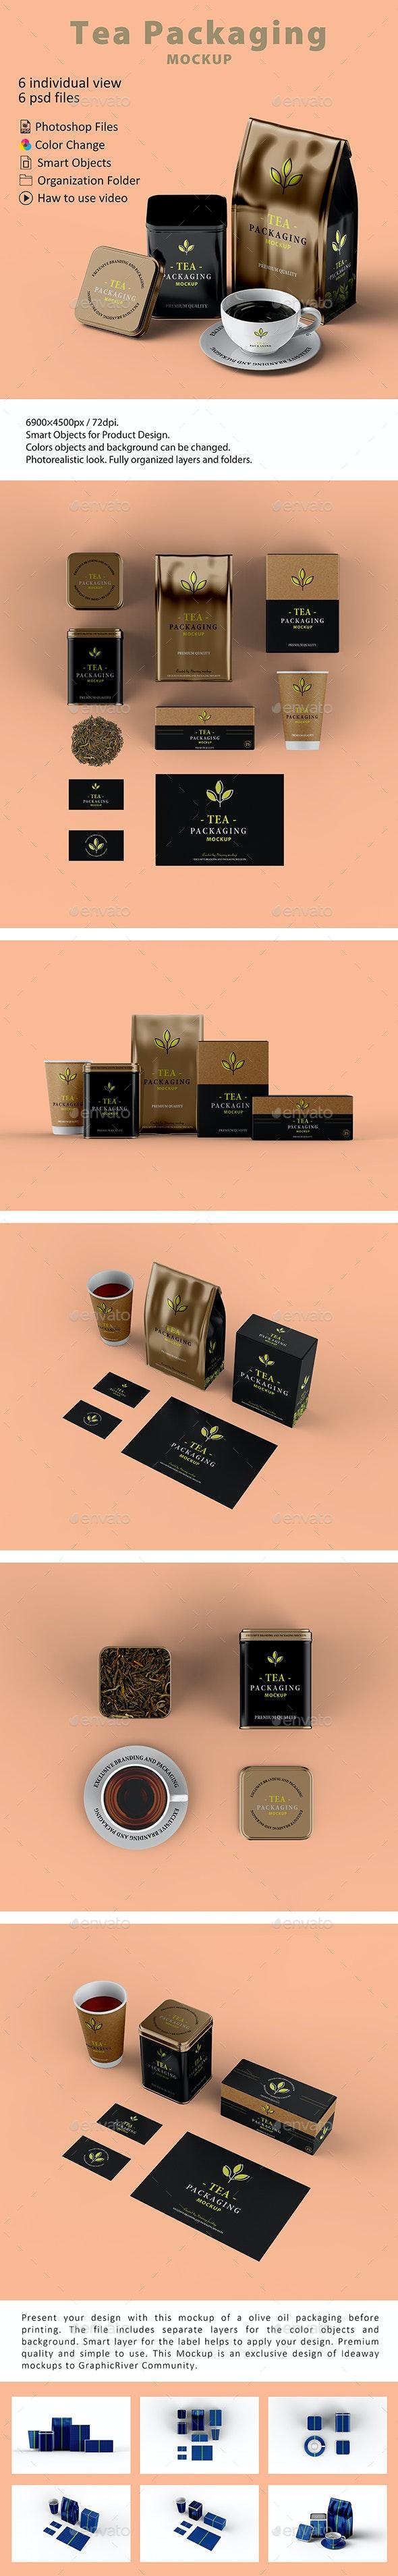 Tea Packaging Mockup - Food and Drink Packaging